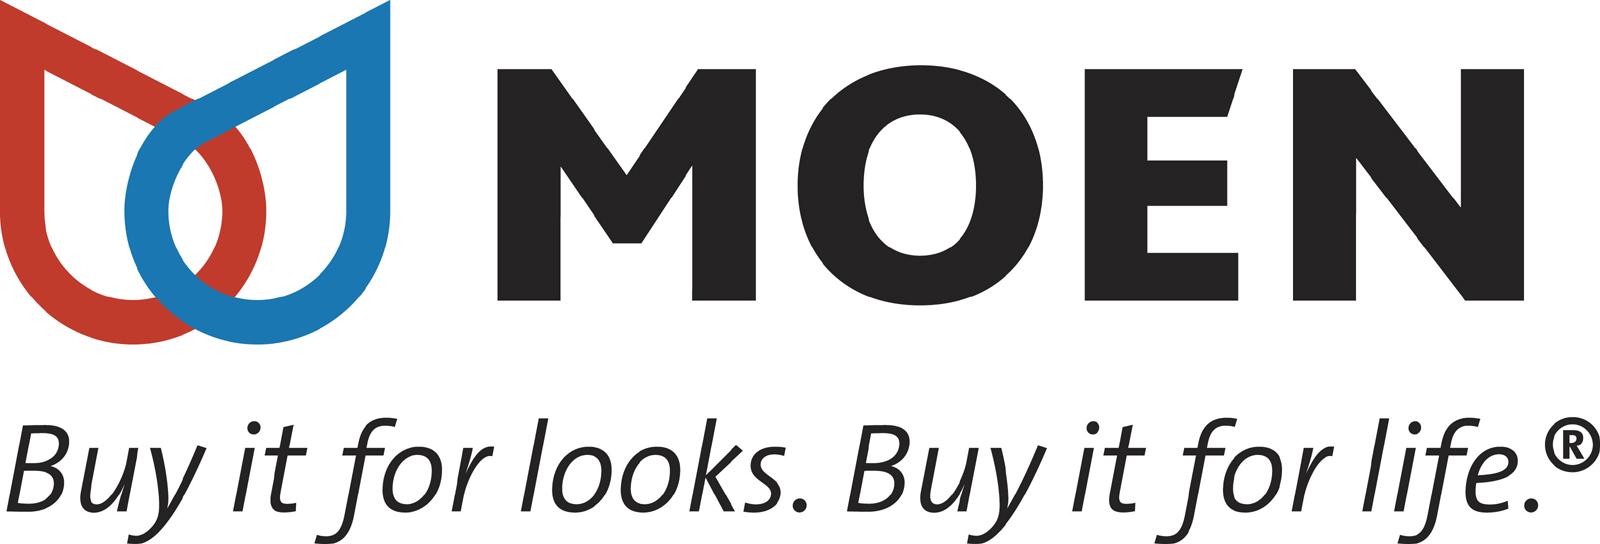 Moen_Logo-1.jpg